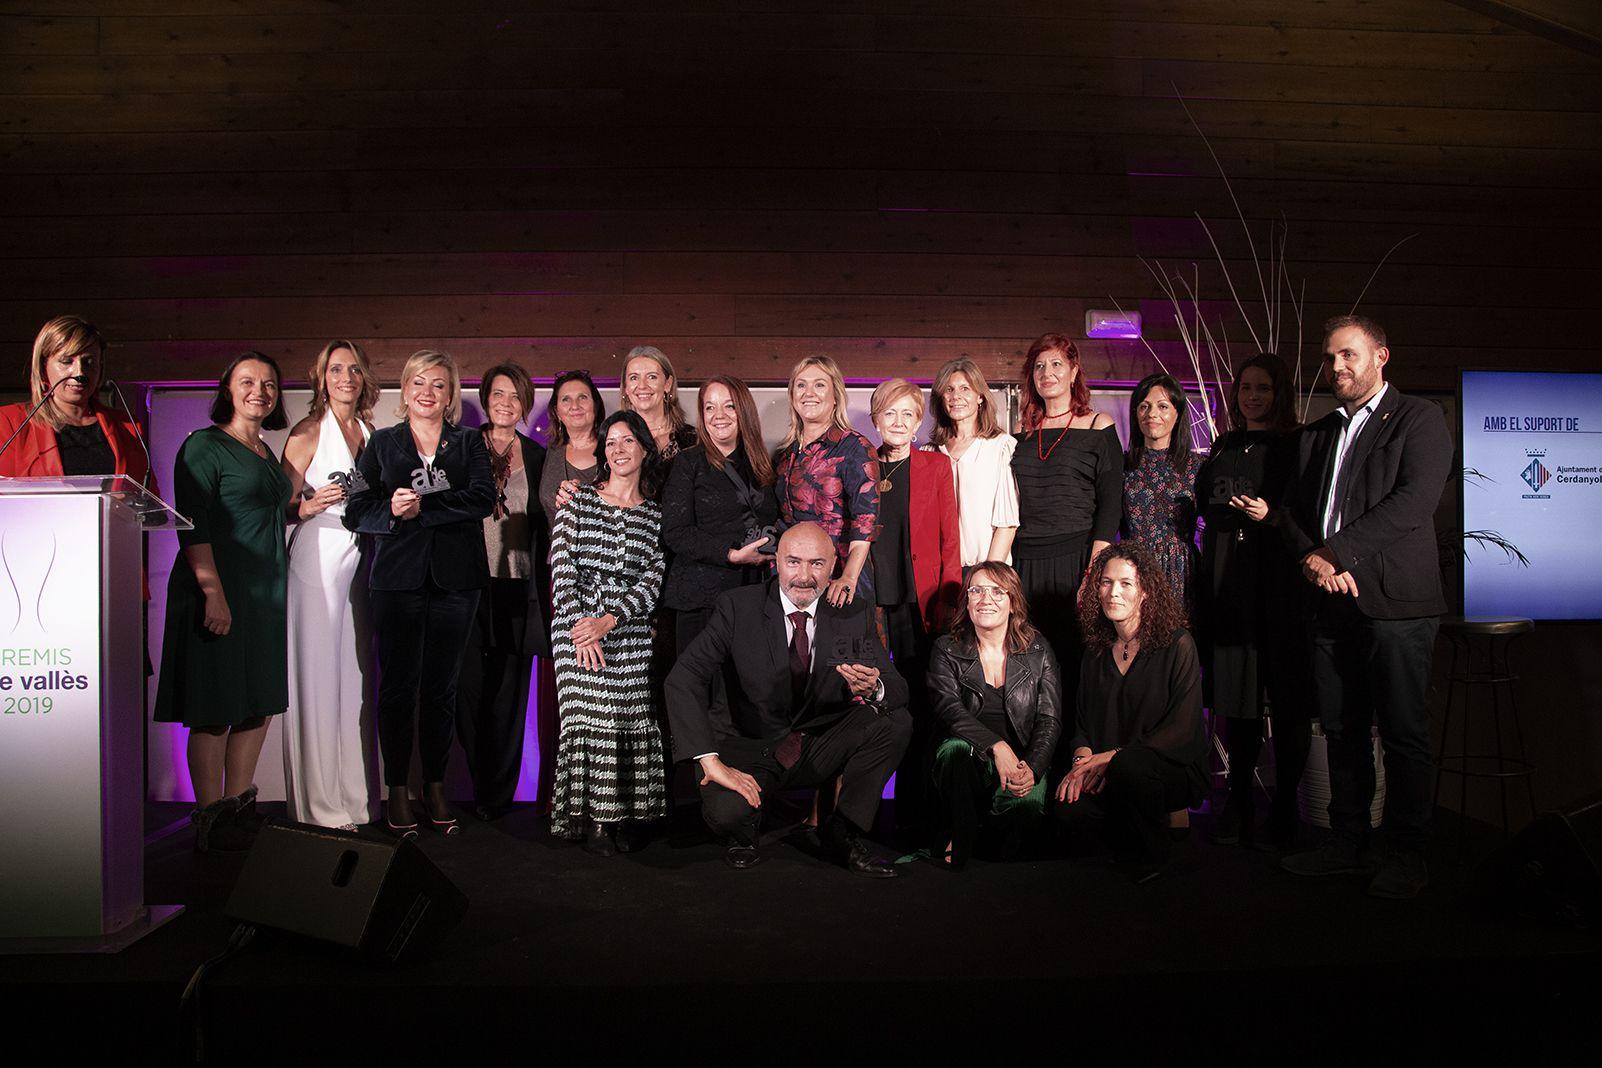 Premiats al sopar pels II liuraments de premis de l'ADE Vallès. FOTO: Anna Bassa